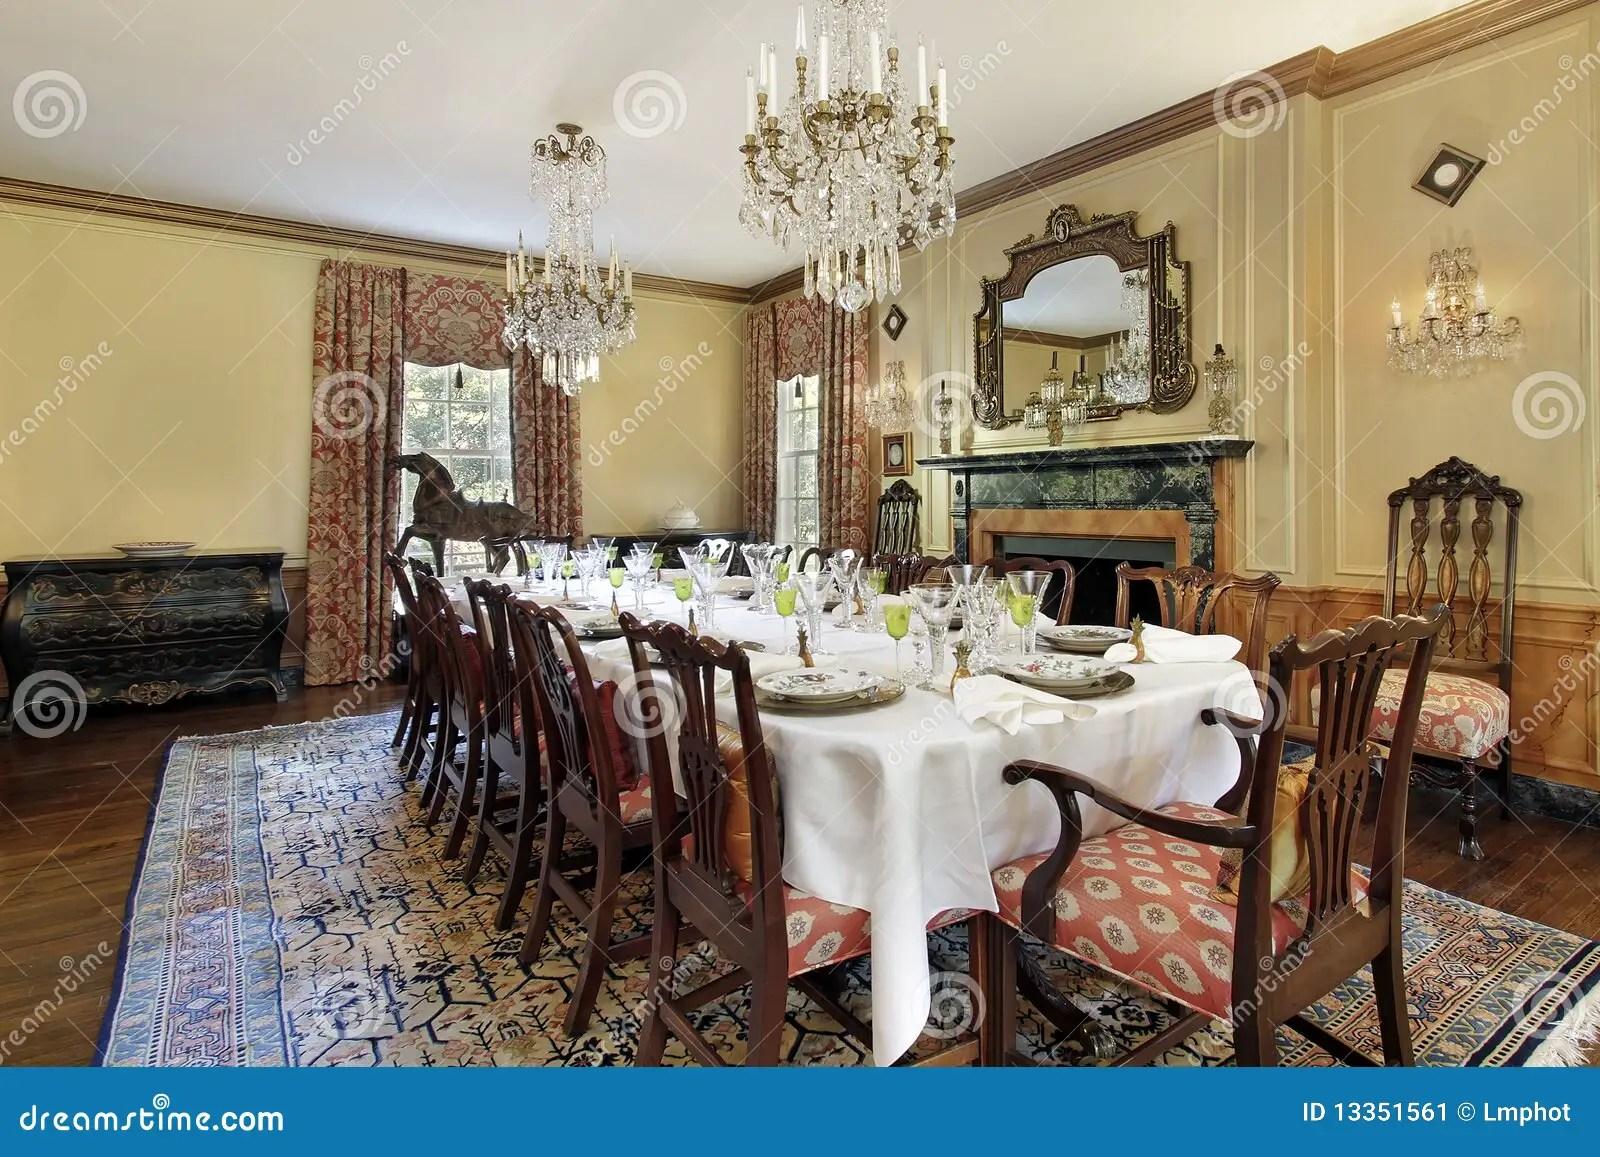 Illuminazione rustica per taverna shabbychiclife tour della mia